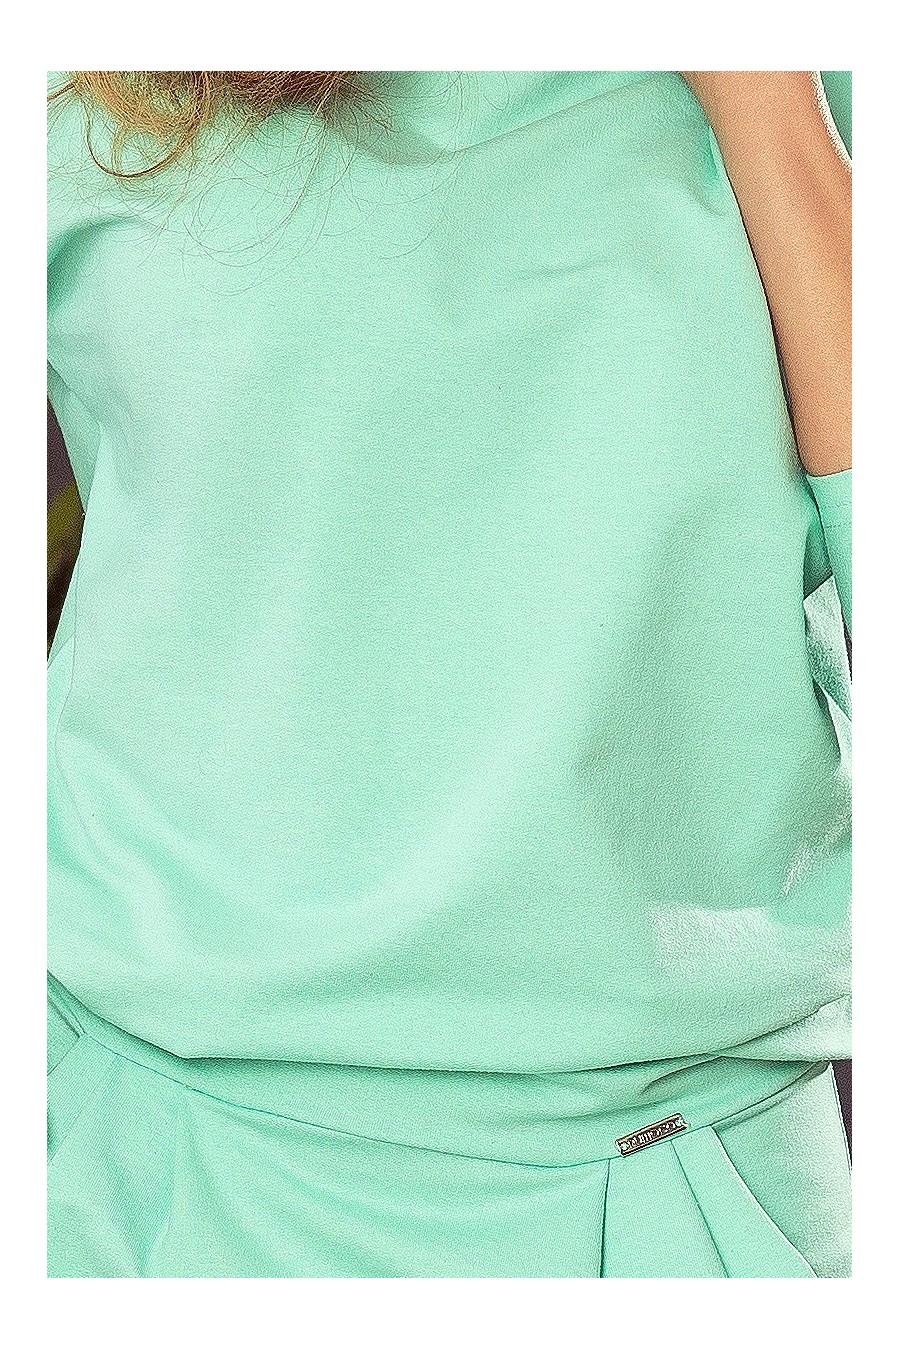 189-1 Šaty CRISTINA - Sportovní šaty s odštěpem na zádech - máta